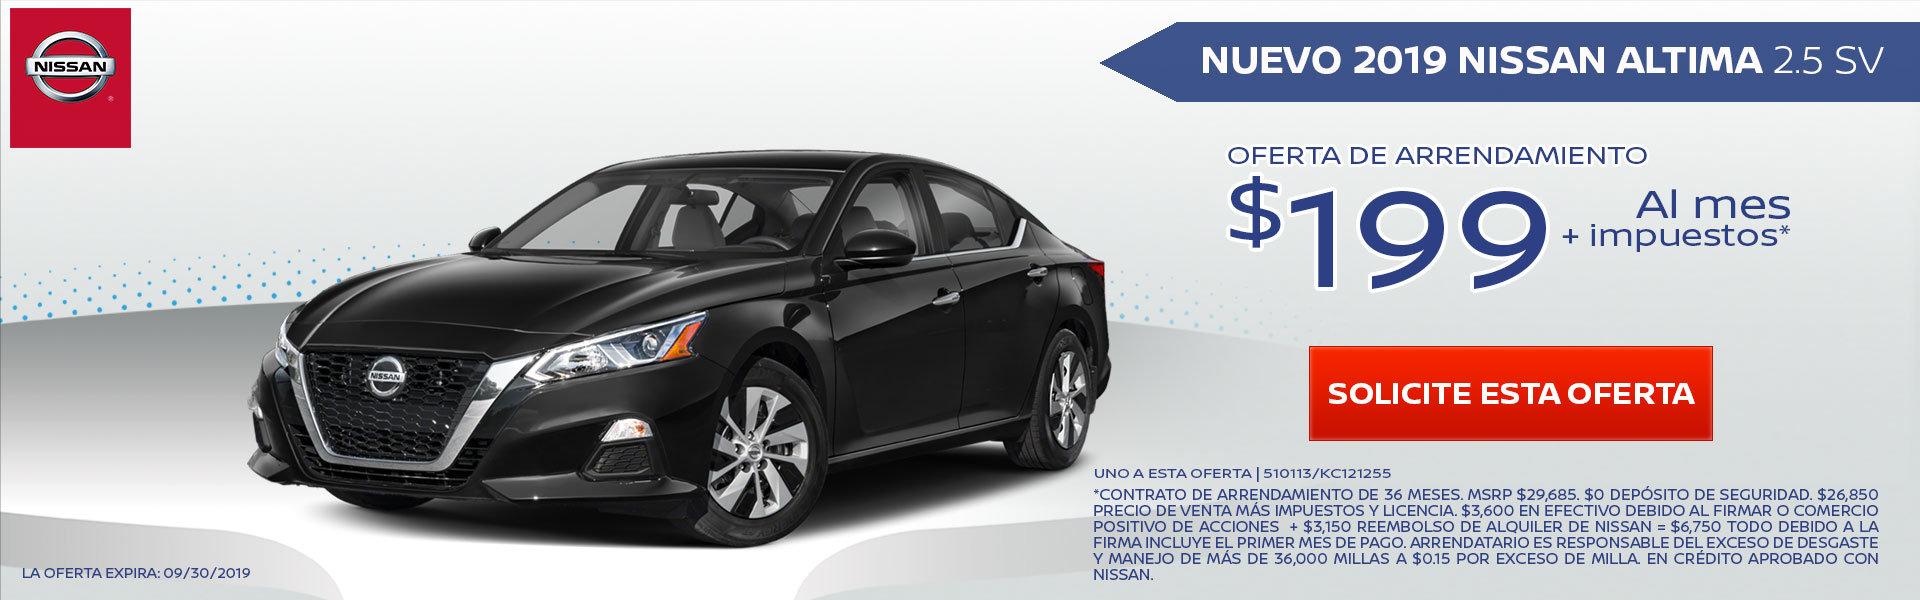 Mire estas nuevas ofertas especiales de alquiler y financiamiento para el flamante Nissan Altima. ¡Pida más información a nuestro concesionario de El Monte!